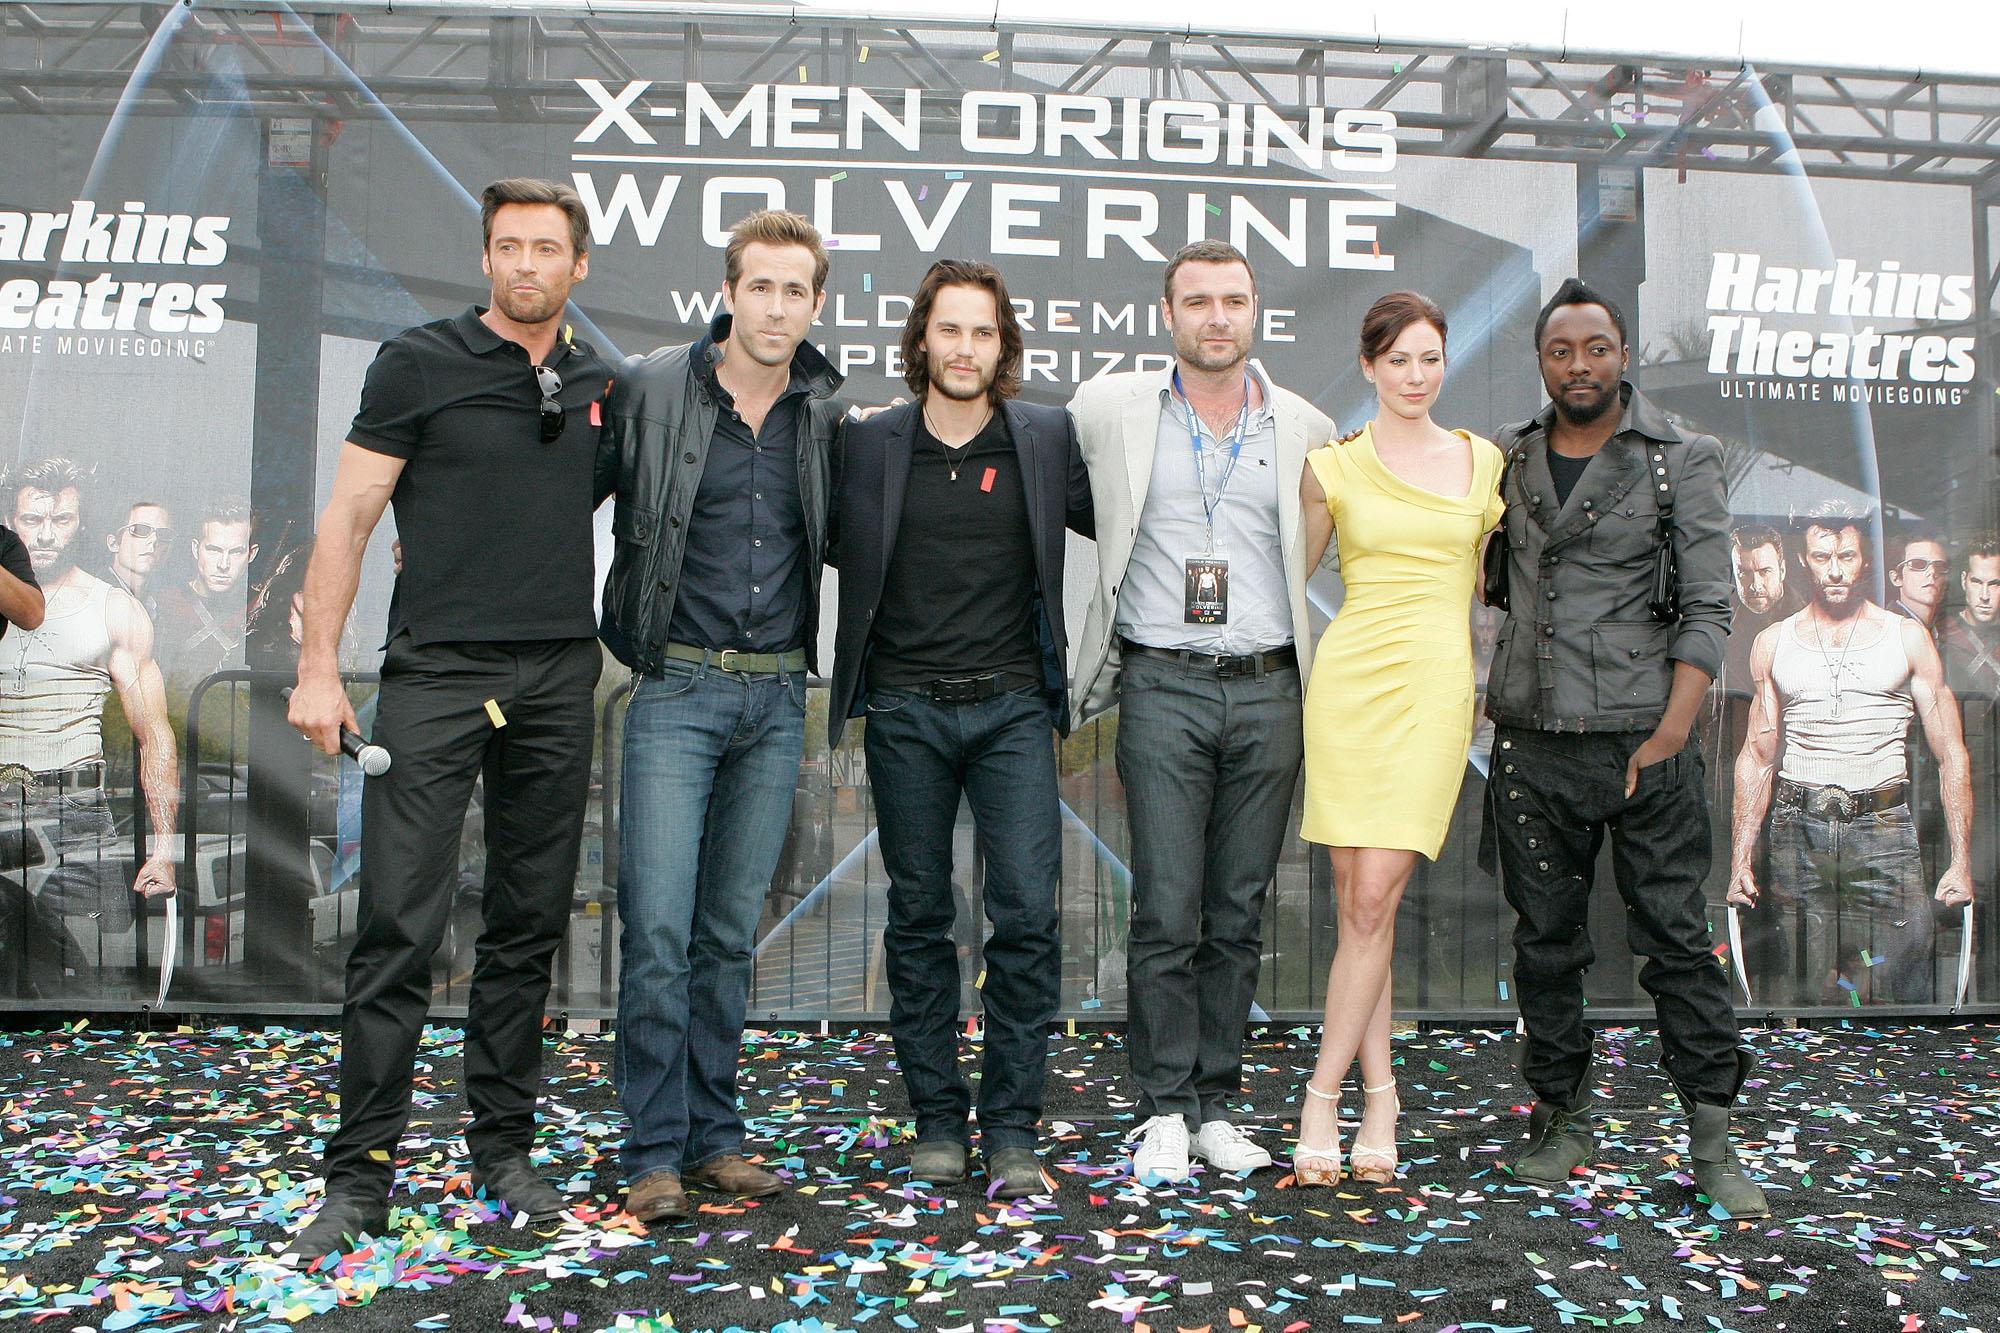 Hugh Jackman, Ryan Reynolds, Taylor Kitsch, Liev Schreiber, Lynn Collins, William